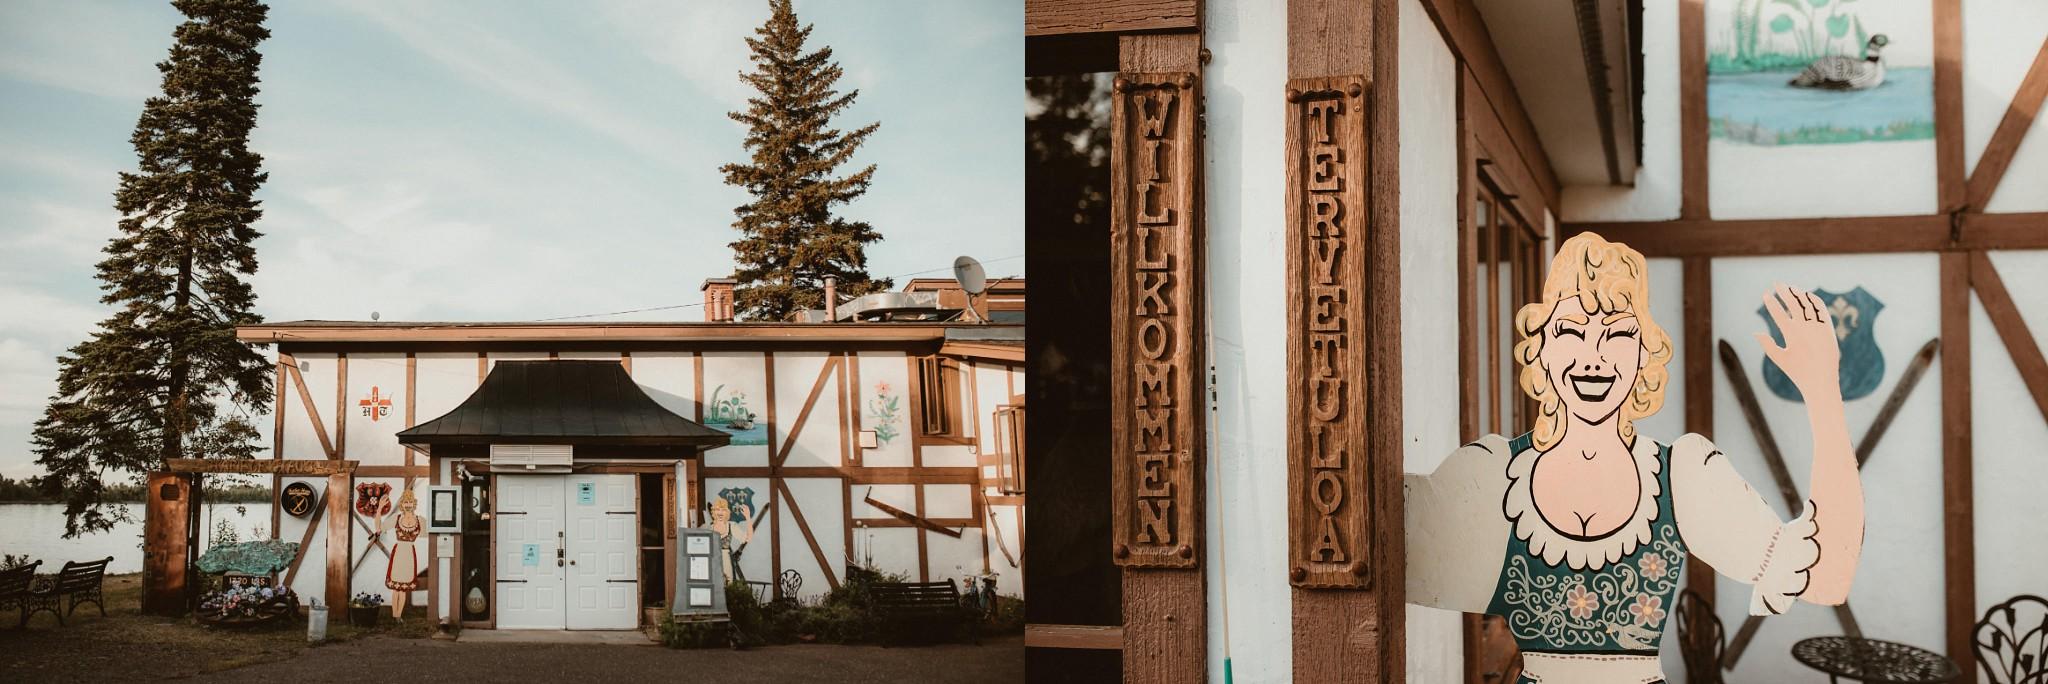 The Harbor Haus Restaurant in Copper Harbor